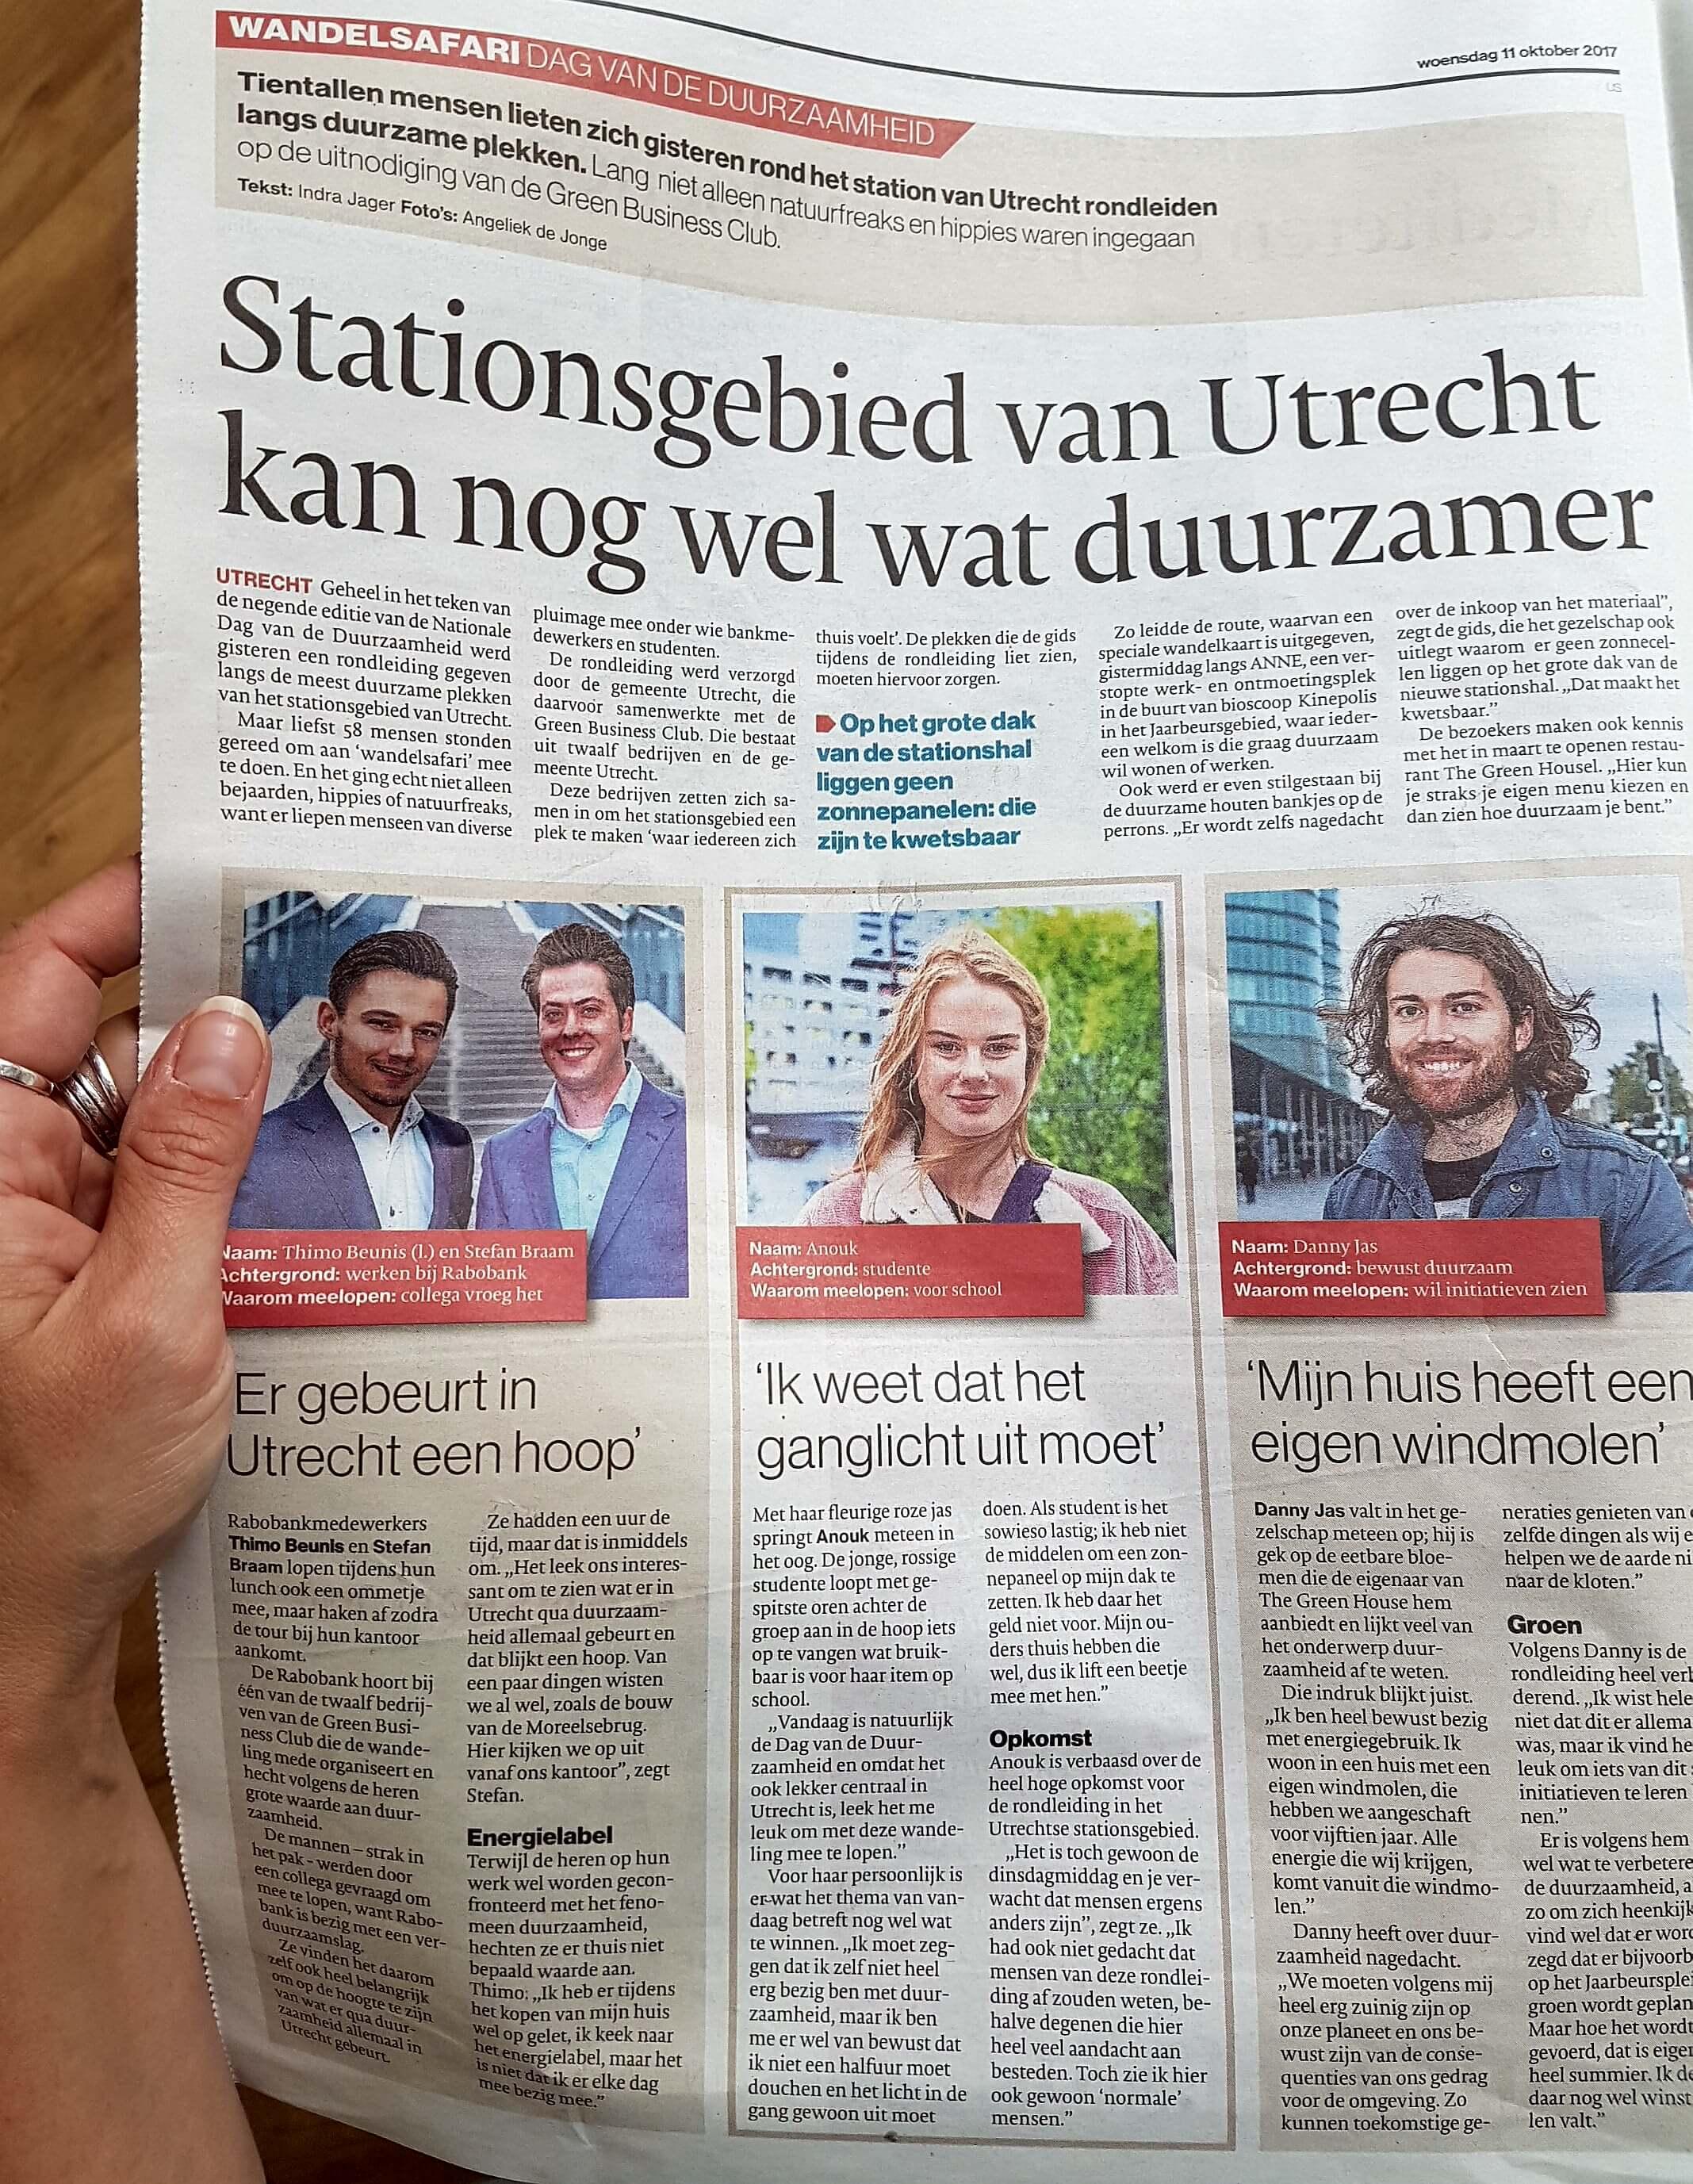 GBCU-in-AD-Utrechts-Nieuwsblad-11-10-2017